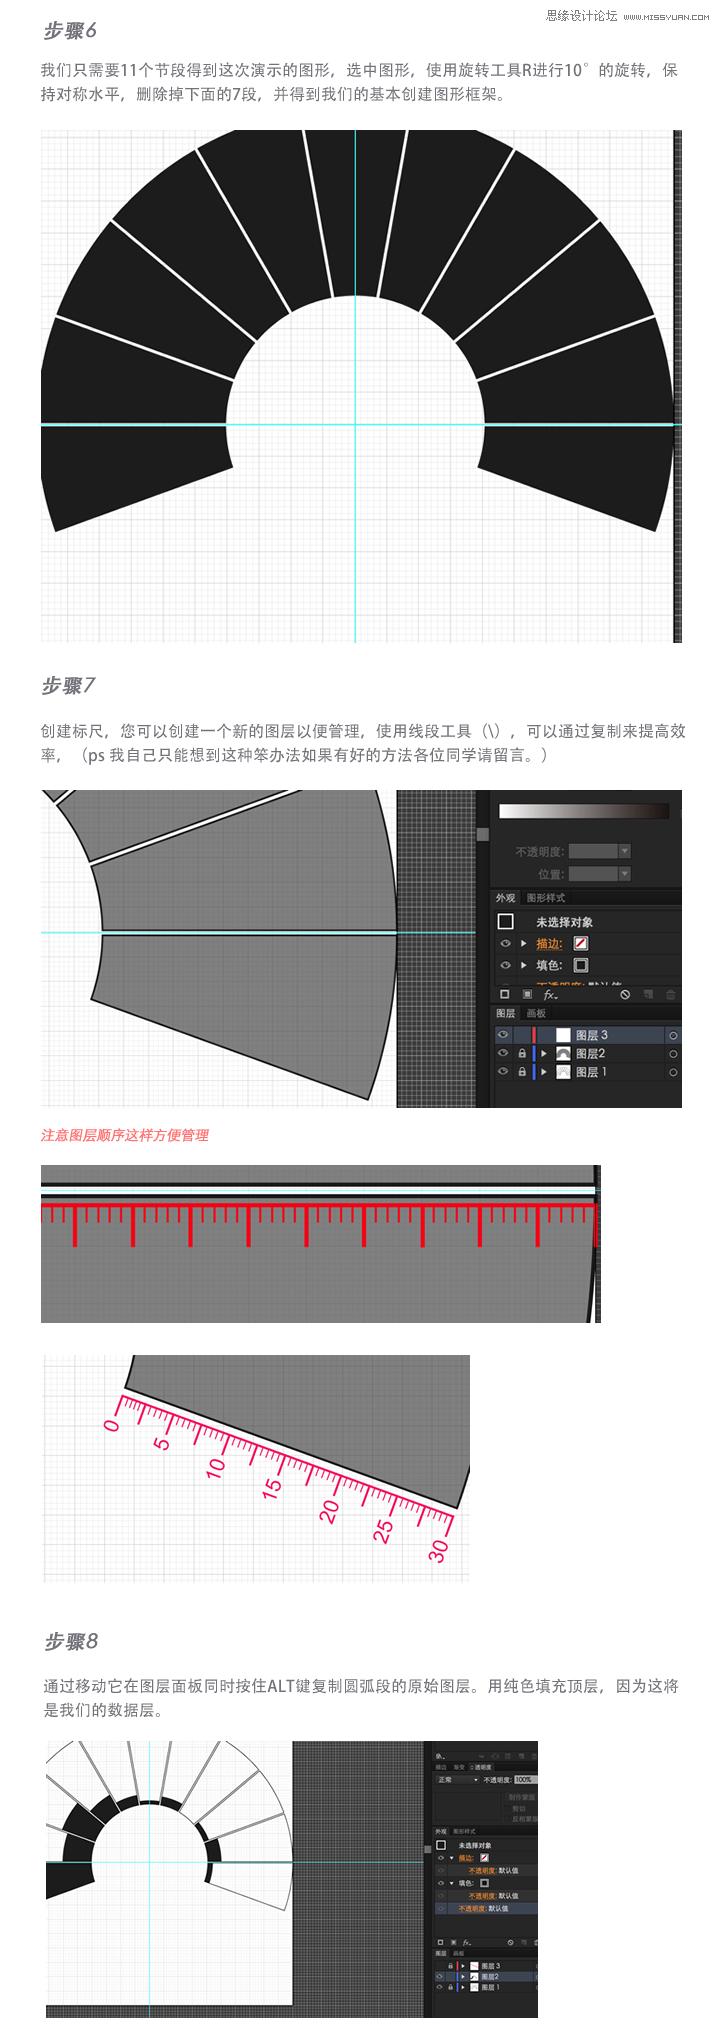 Illustrator设计一本杂志信息图表教程